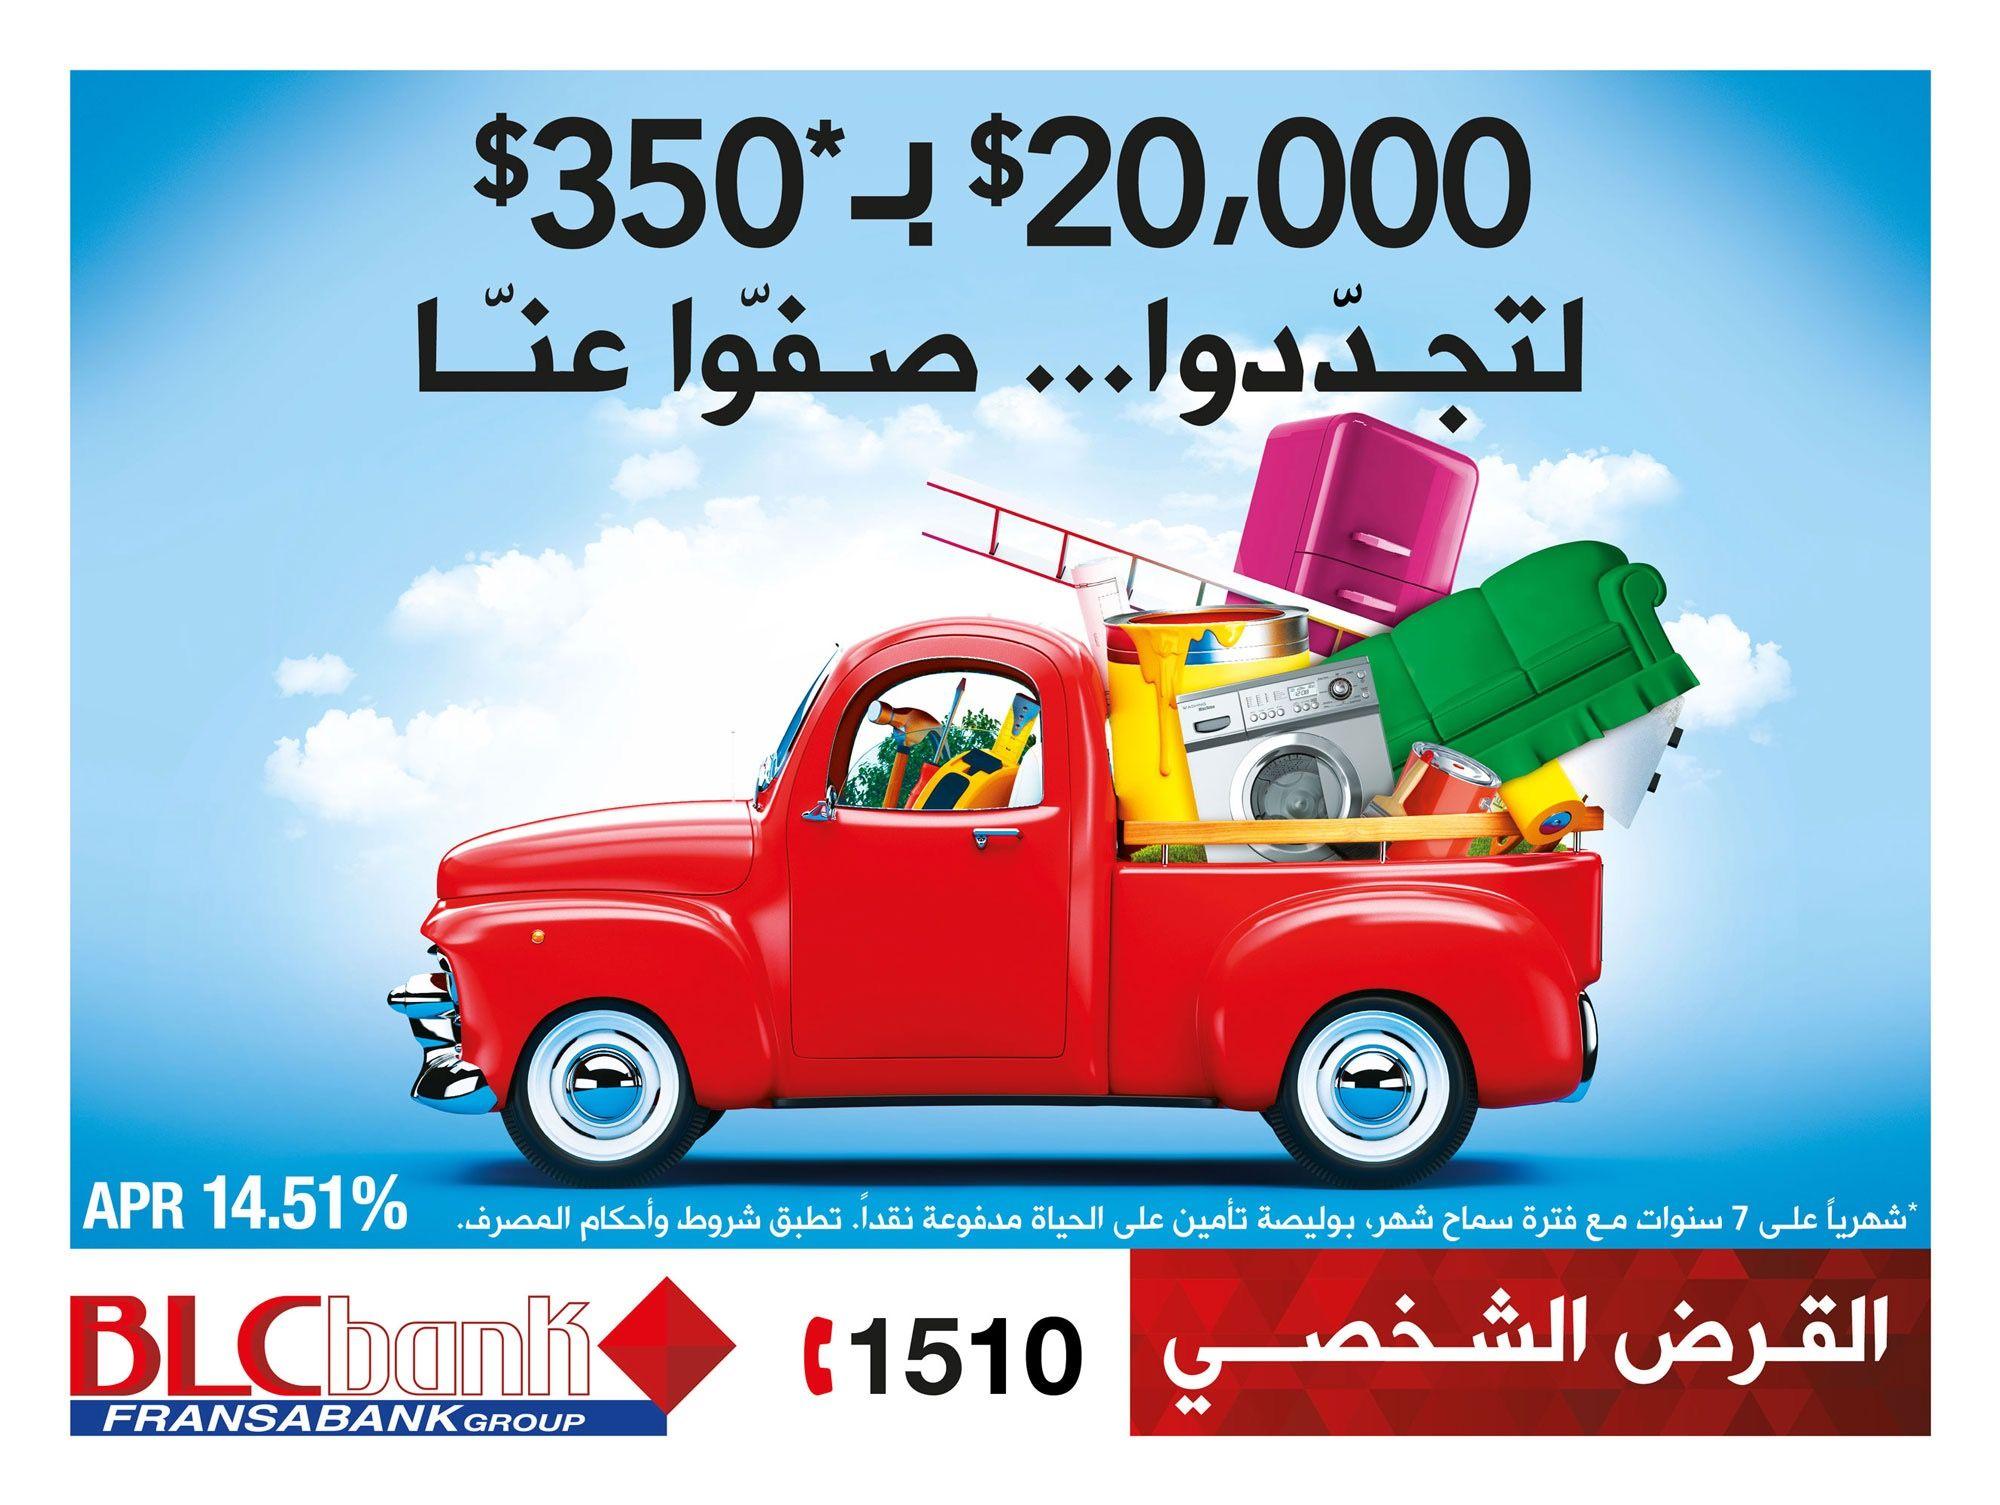 Blc Bank Personal Loan By Phenomena Personal Loans Toy Car Phenomena